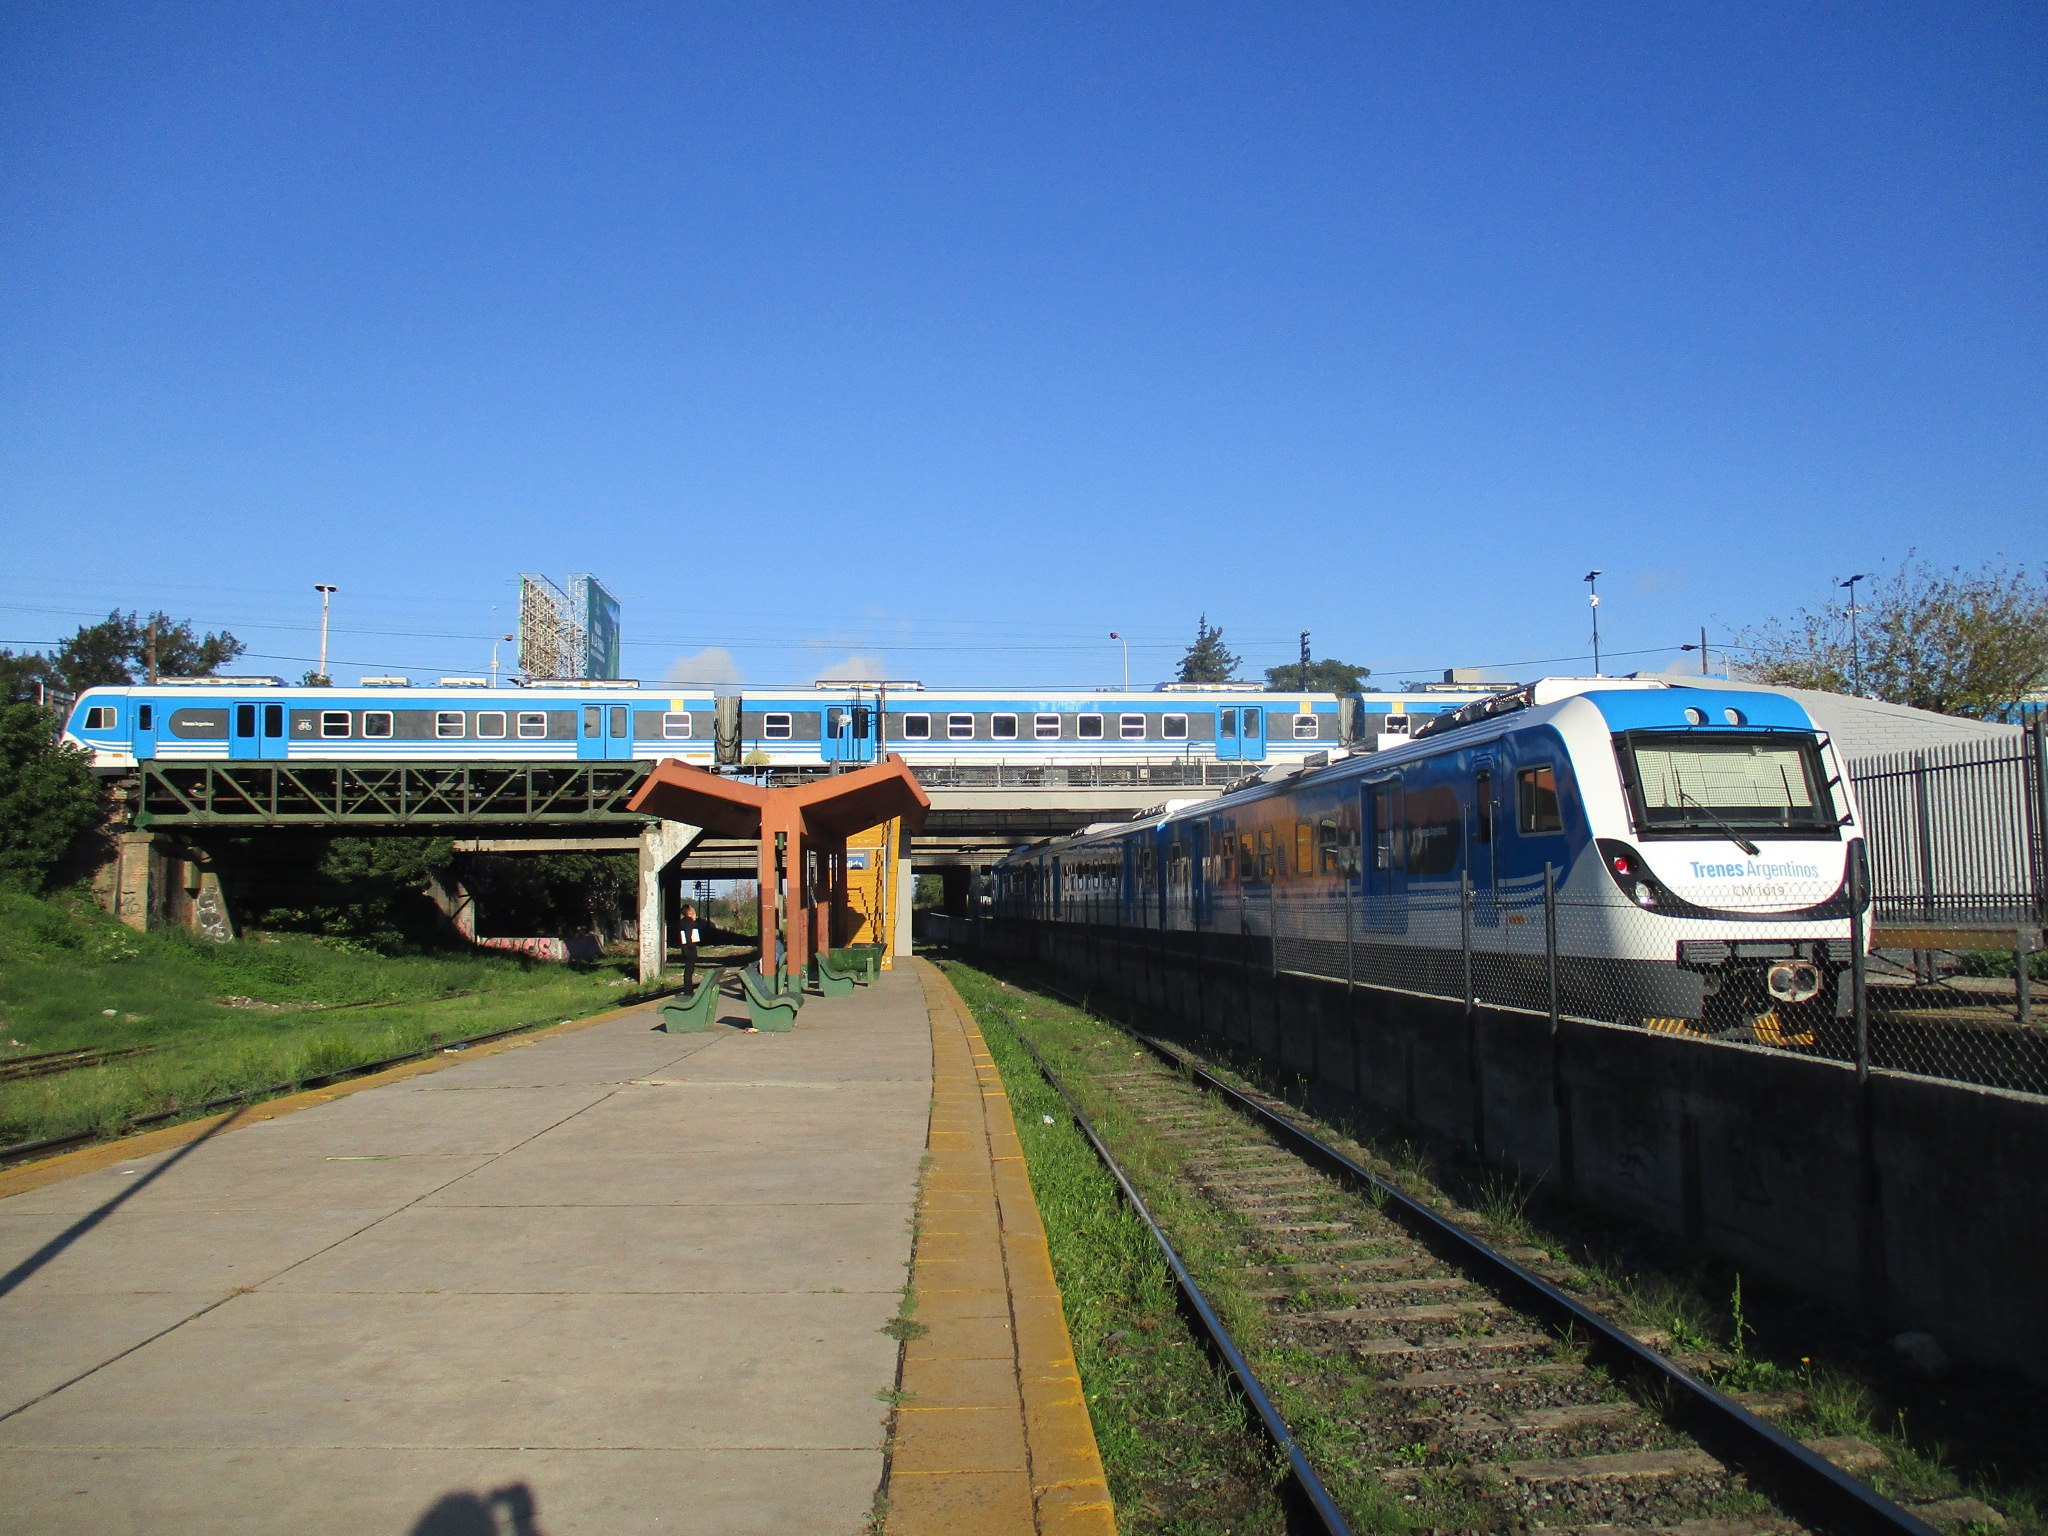 Вокзал Буэнос-Айрес в городе .... Буэнос-Айрес! Совпадение? Не думаю!